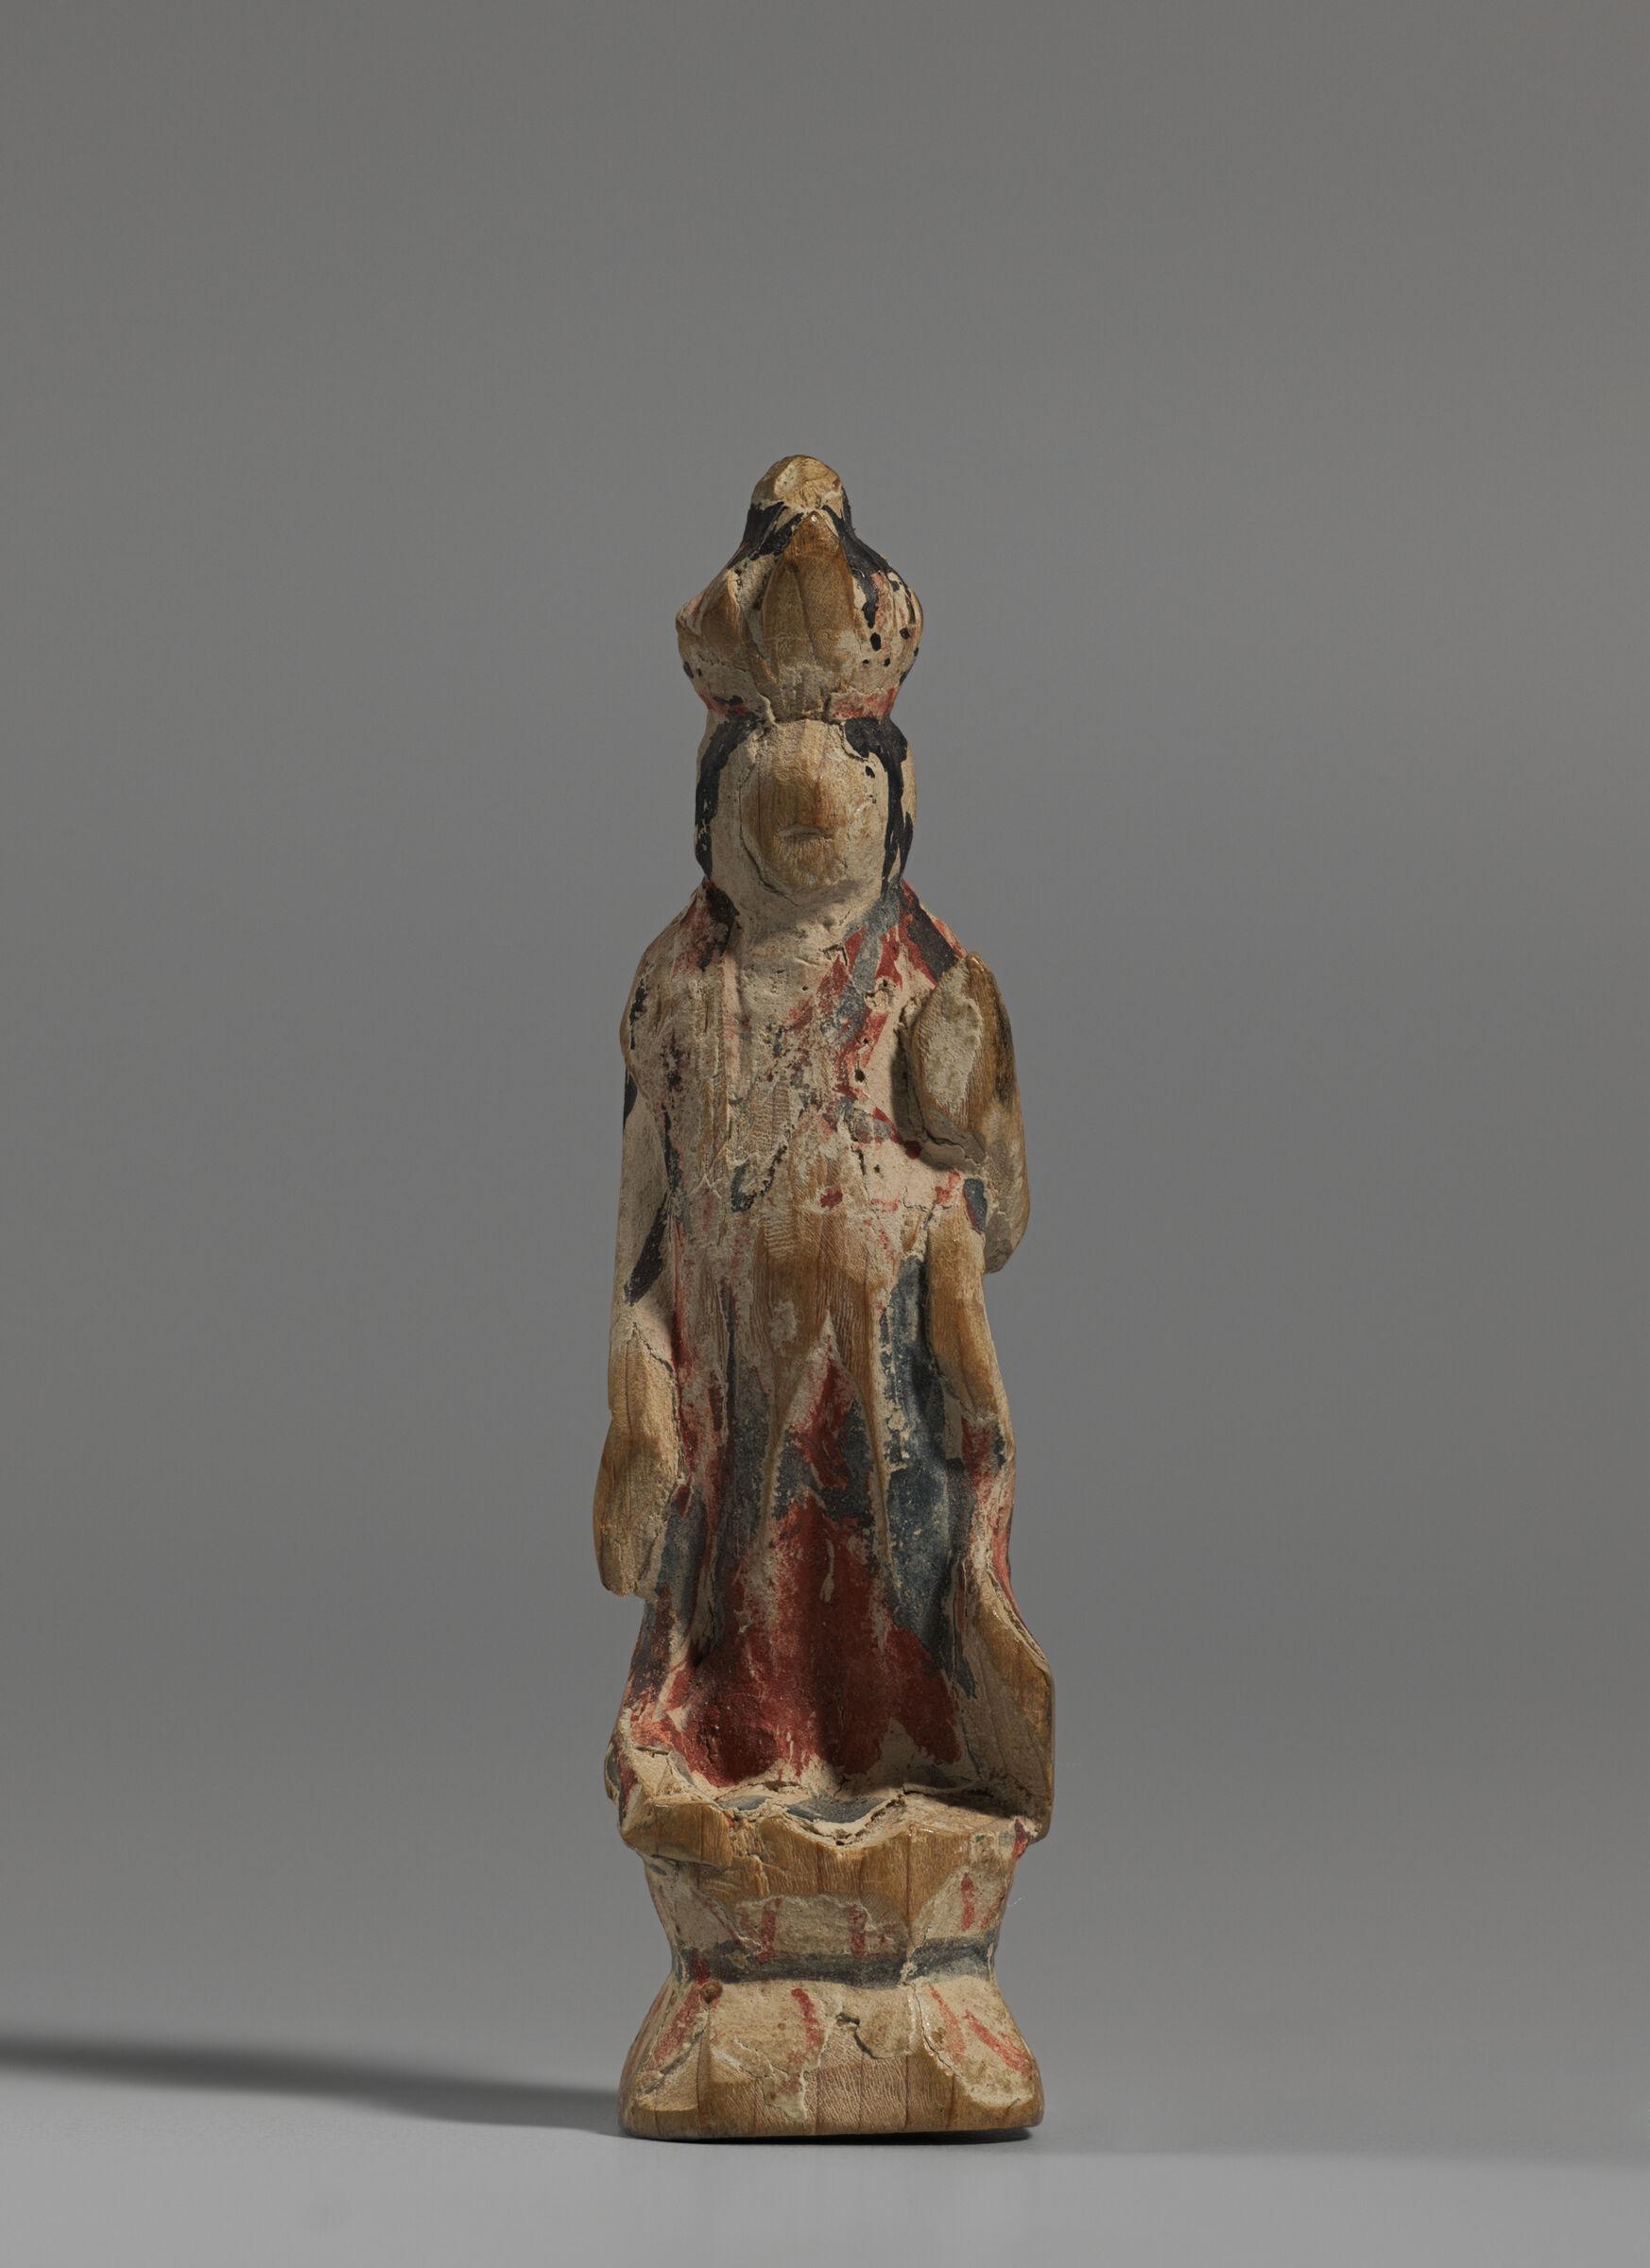 Small Image Of Eleven-Headed Avalokitesvara Bodhisattva (Japanese: Jūichimen Kannon)